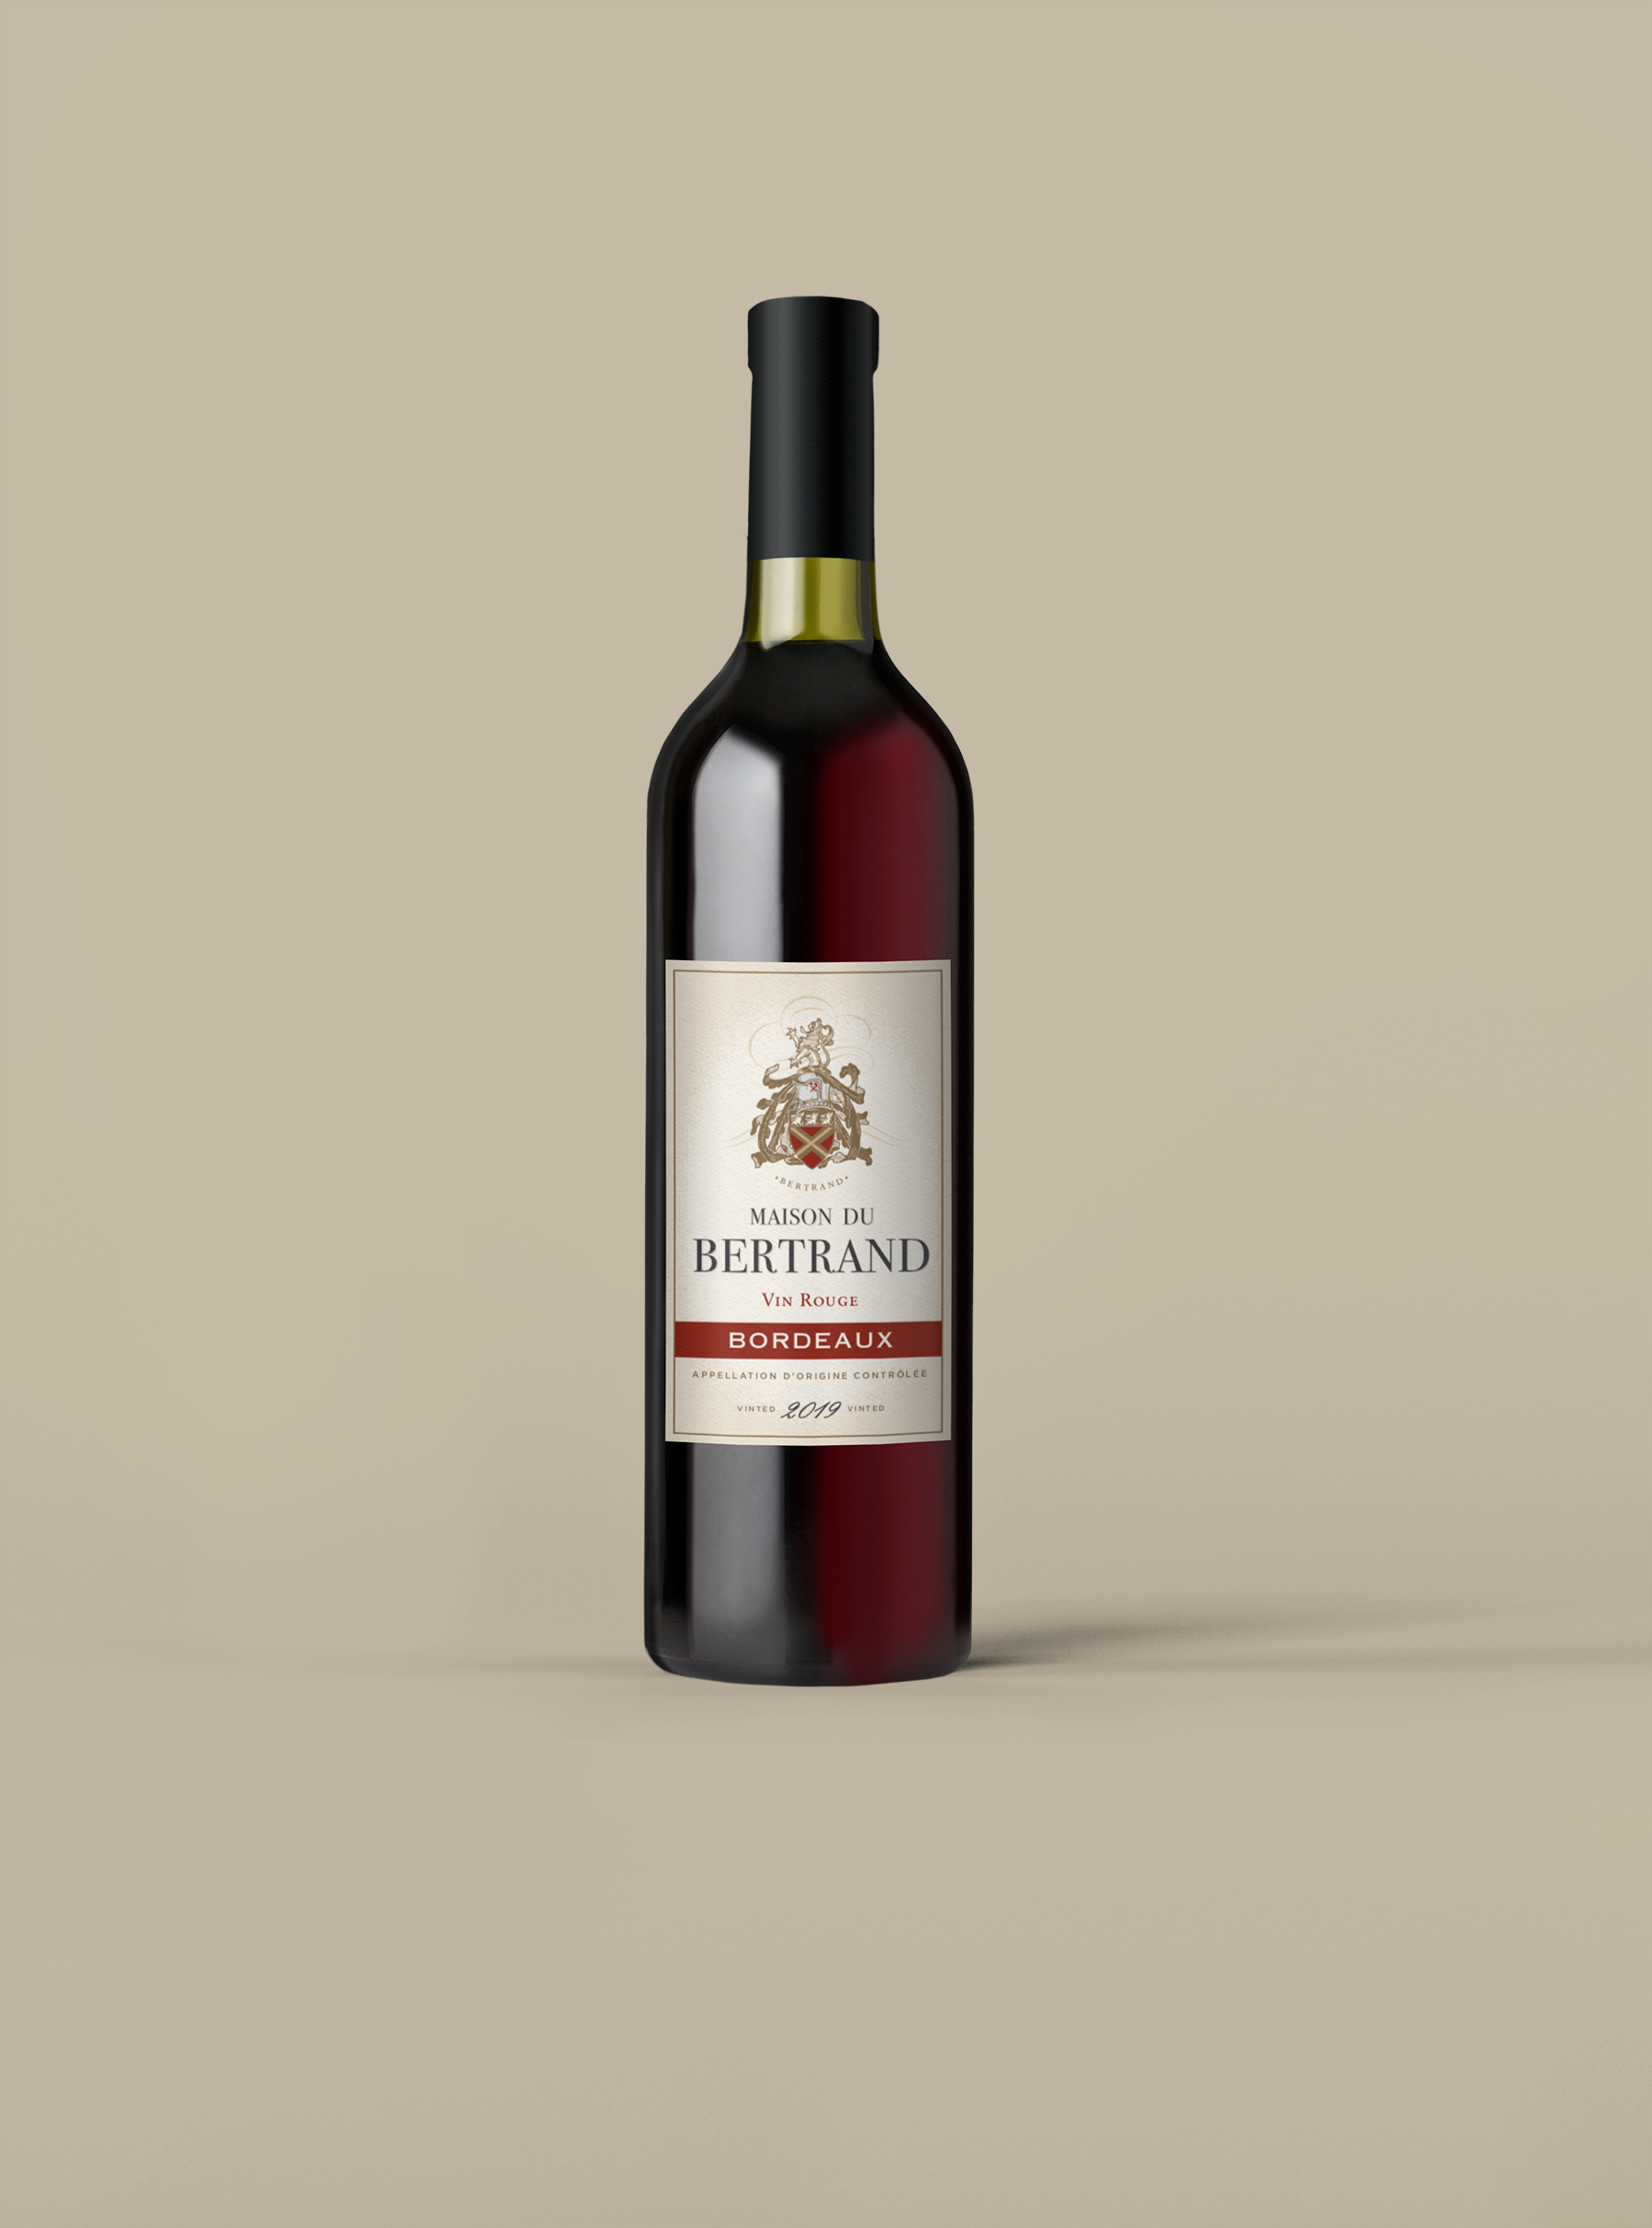 Maison Du Bertrand Bordeaux Vin Rouge